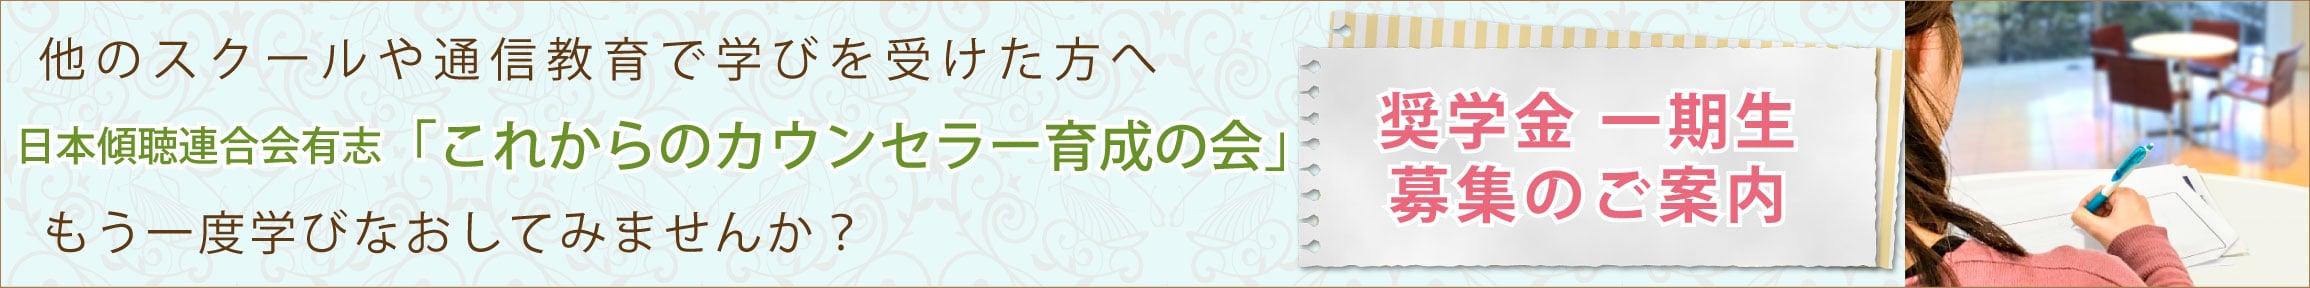 日本傾聴連合会有志「これからのカウンセラー育成の会」奨学金 二期生募集のご案内